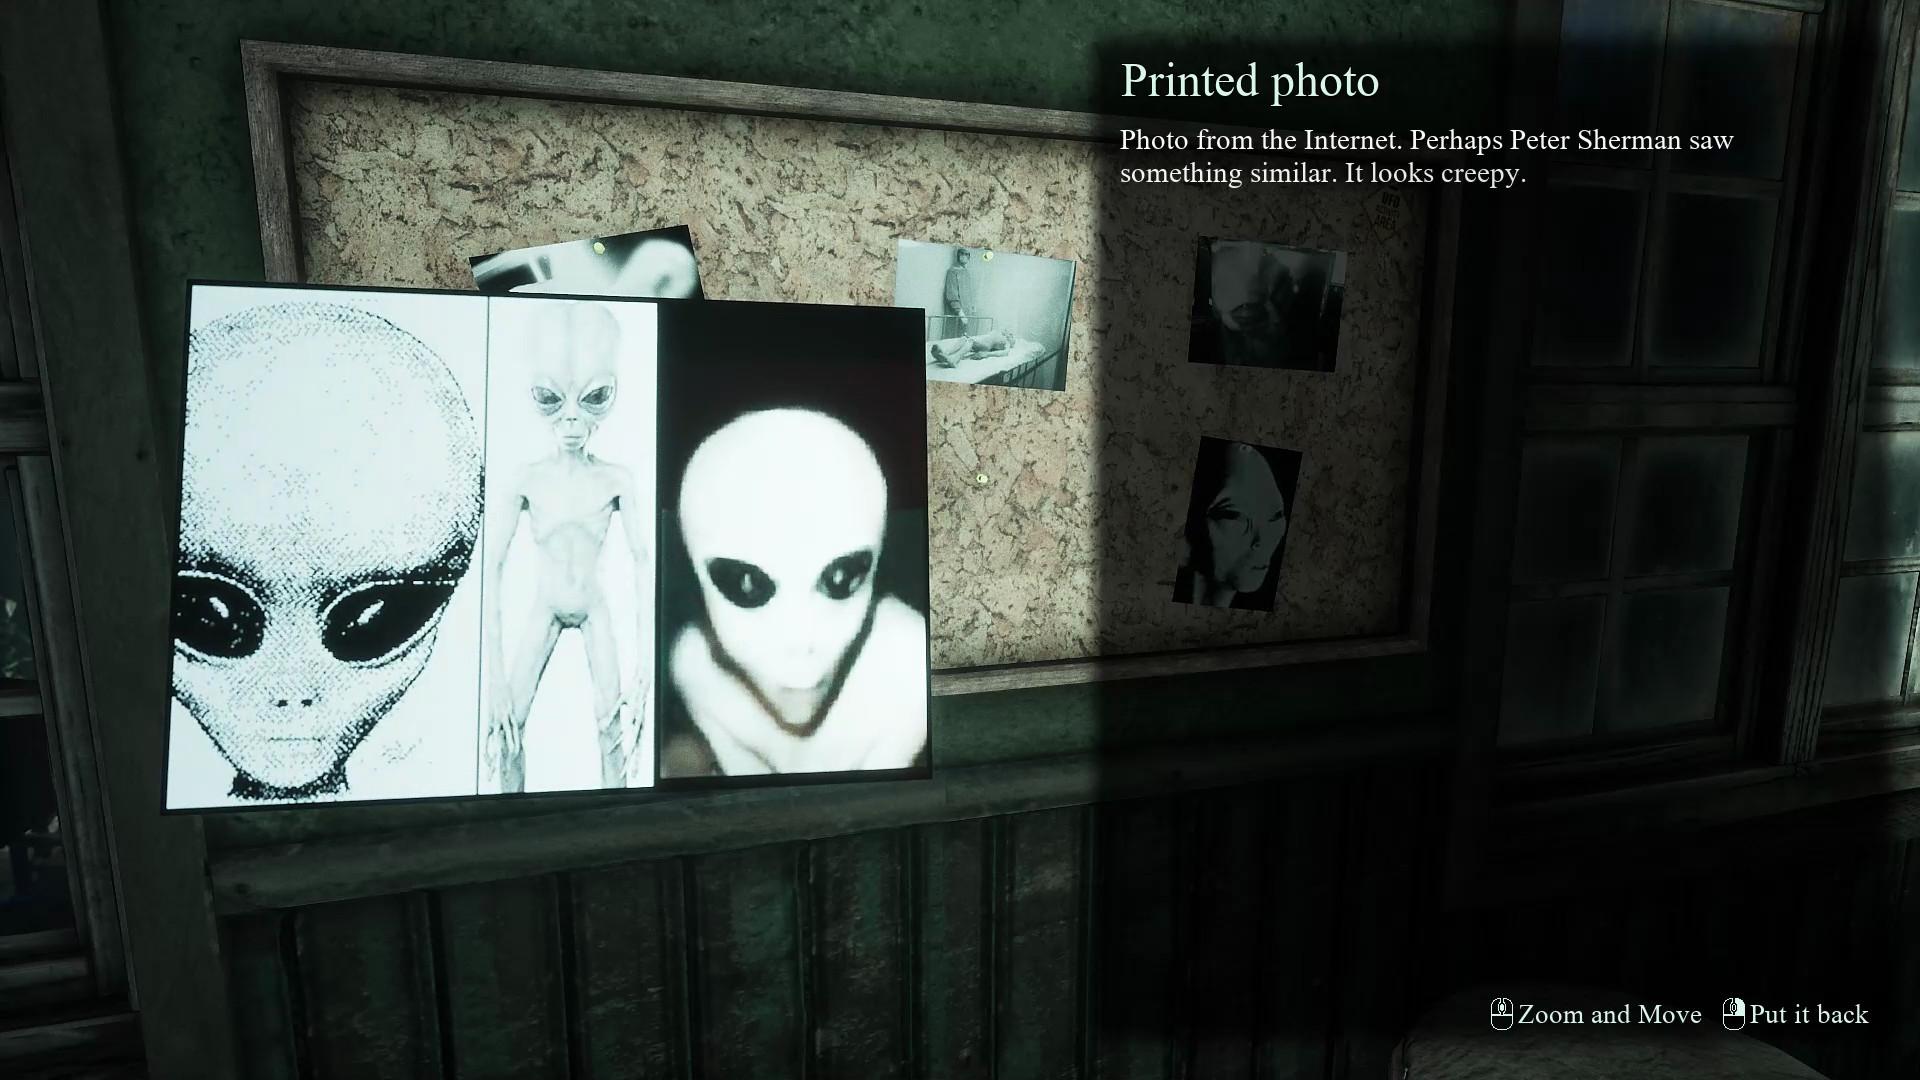 外星人题材恐怖游戏《他们在这里》试玩版上架Steam 探寻农场里的诡异